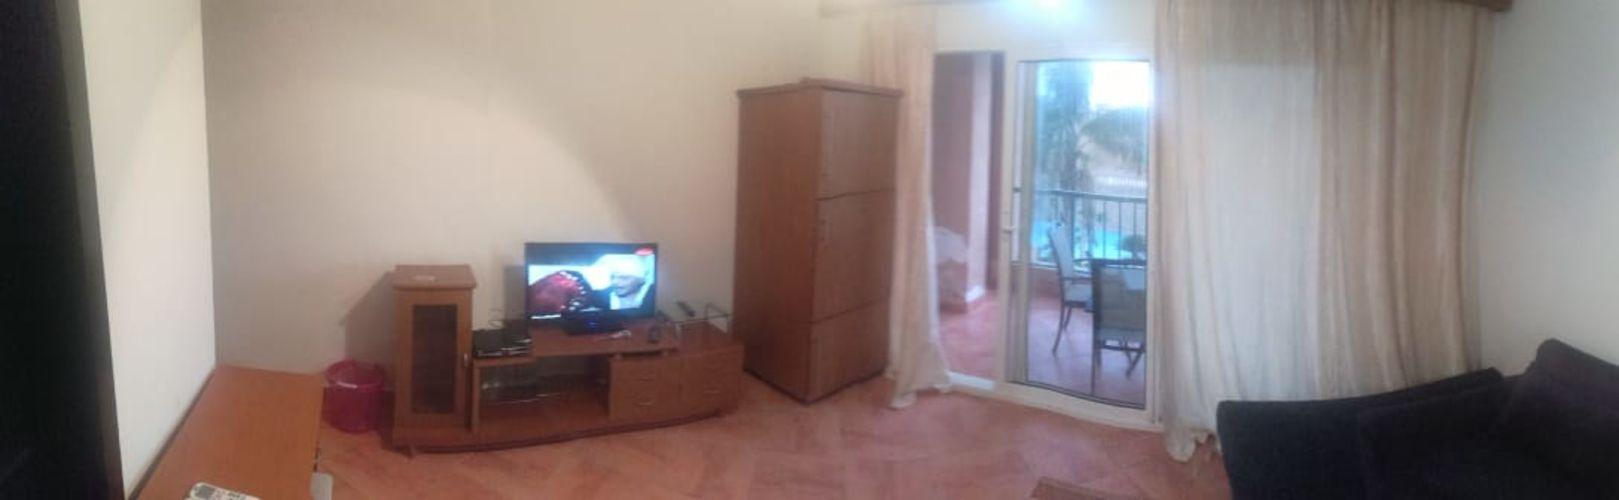 Properties/1306/lkbrkkvlkkqkiuy3wokh.jpg